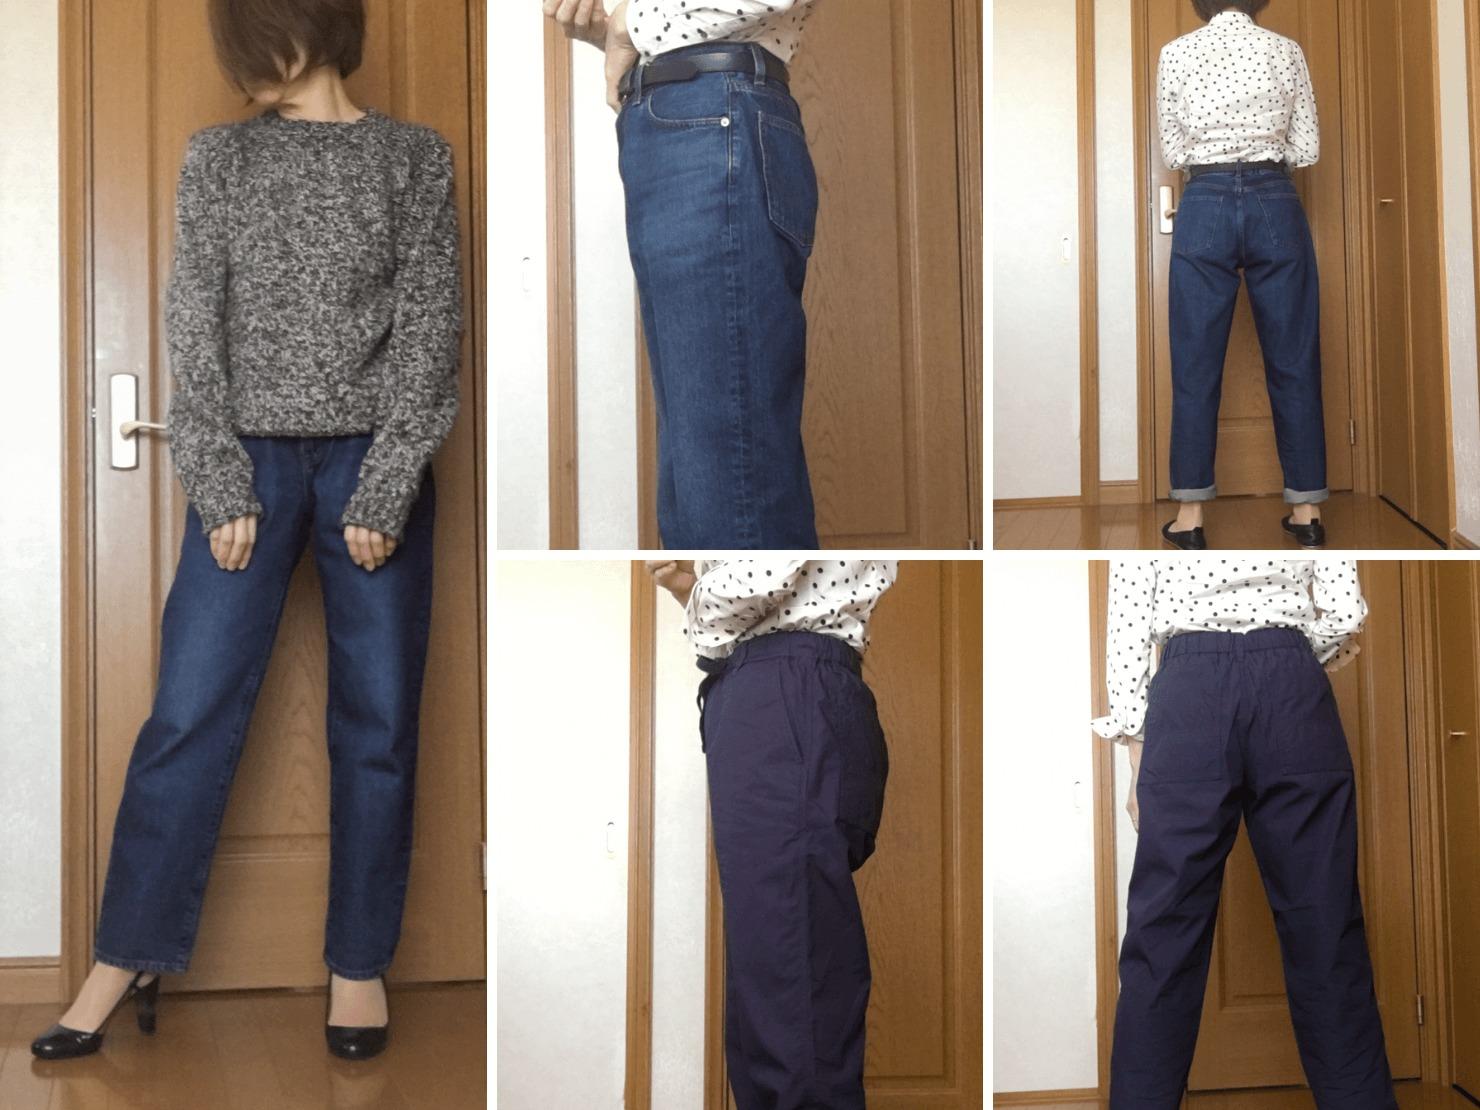 メンズのジーンズやパンツのコーディネート写真